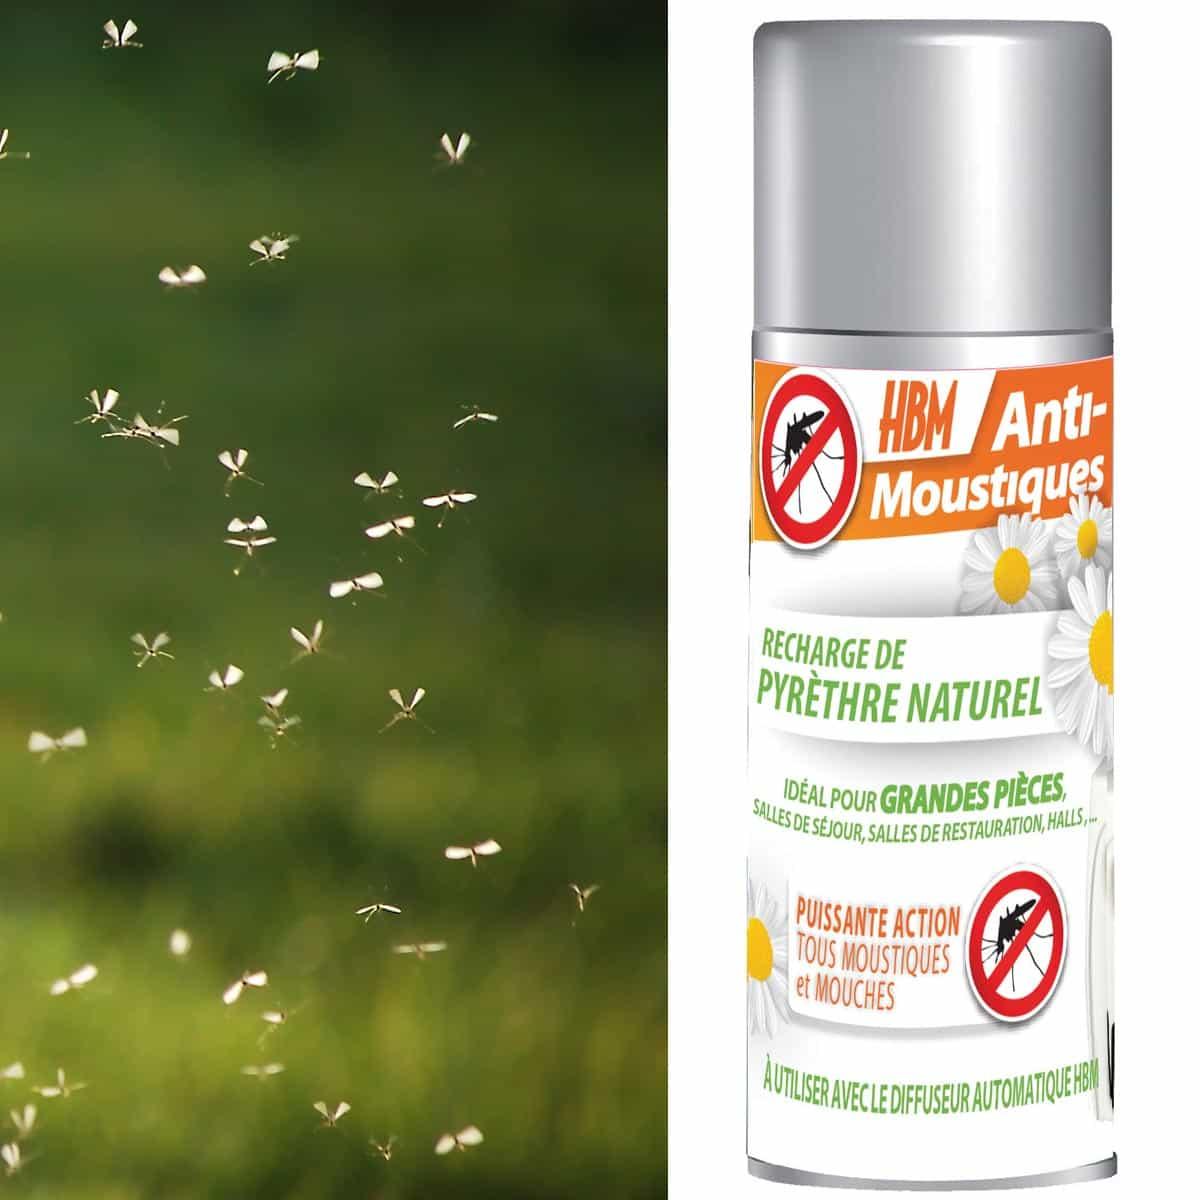 recharge pyr thre diffuseur anti moustiques int rieur 150ml traitement anti guepe et moustiques. Black Bedroom Furniture Sets. Home Design Ideas